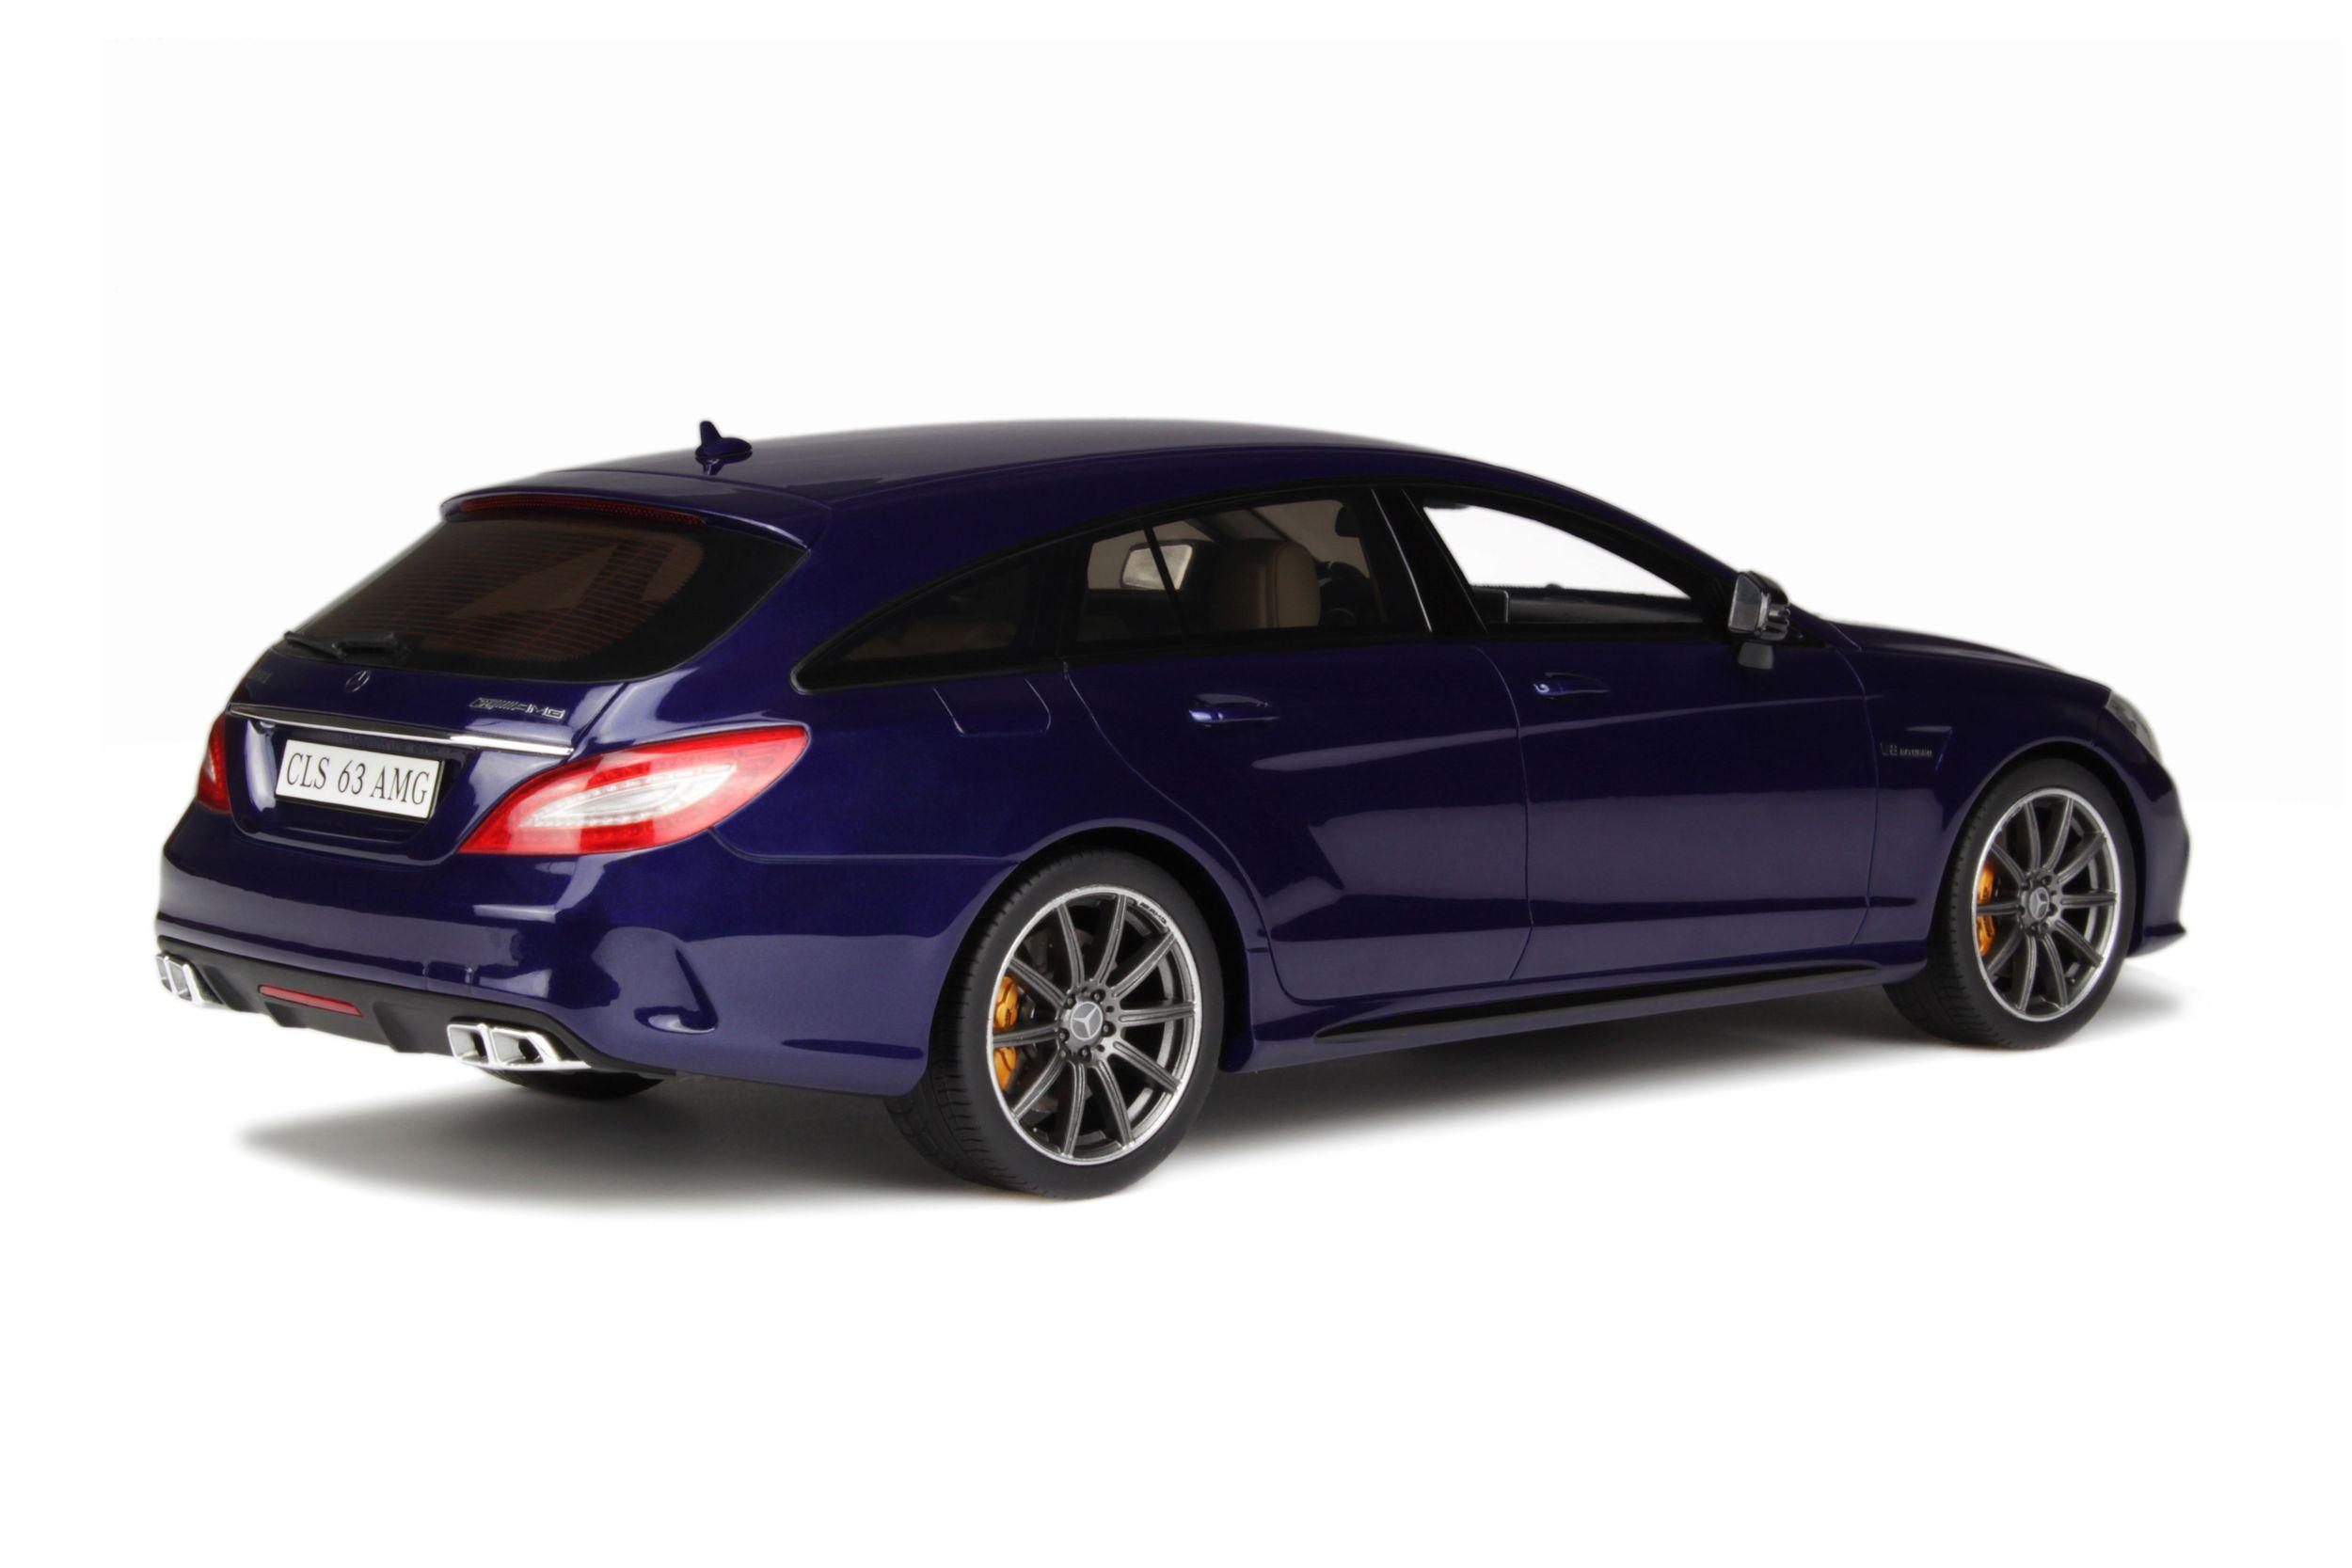 mercedes benz cls 63 amg shooting brake model car collection gt spirit. Black Bedroom Furniture Sets. Home Design Ideas